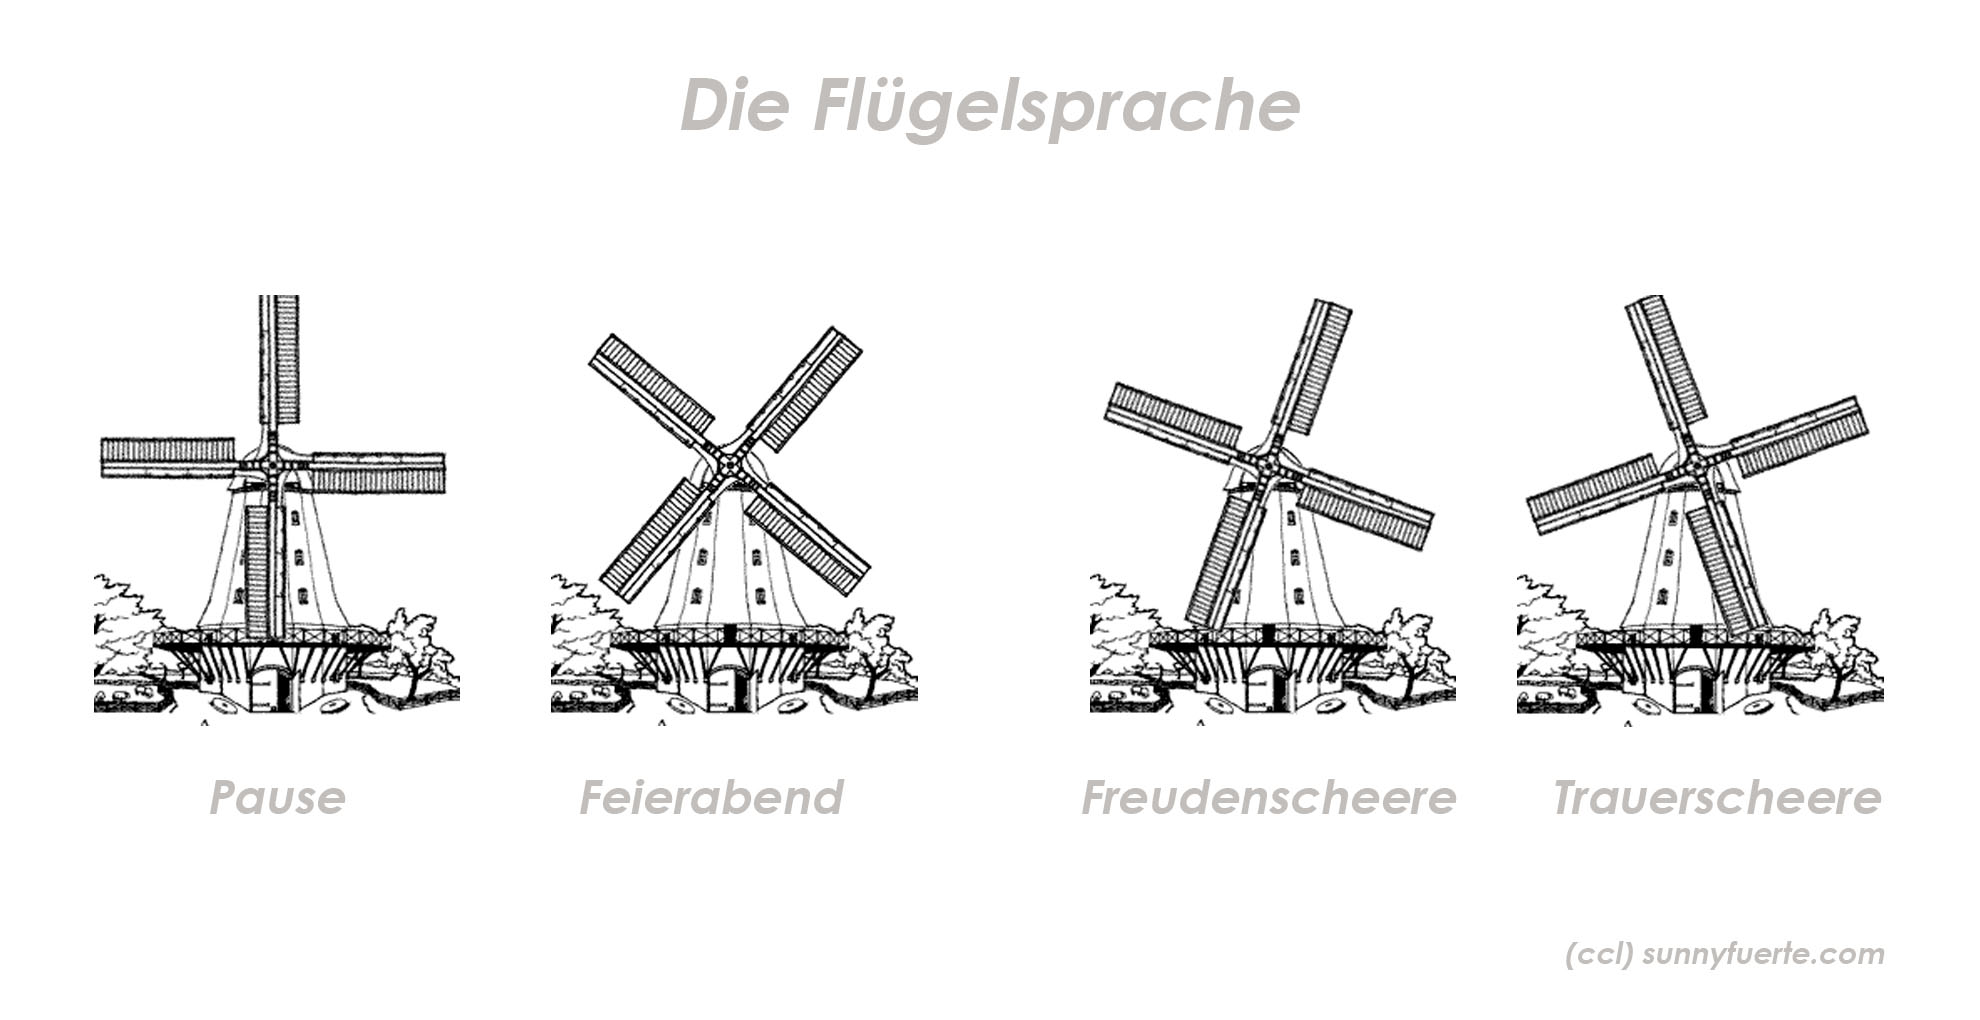 Windmühlen –die Flügelsprache der Müller.